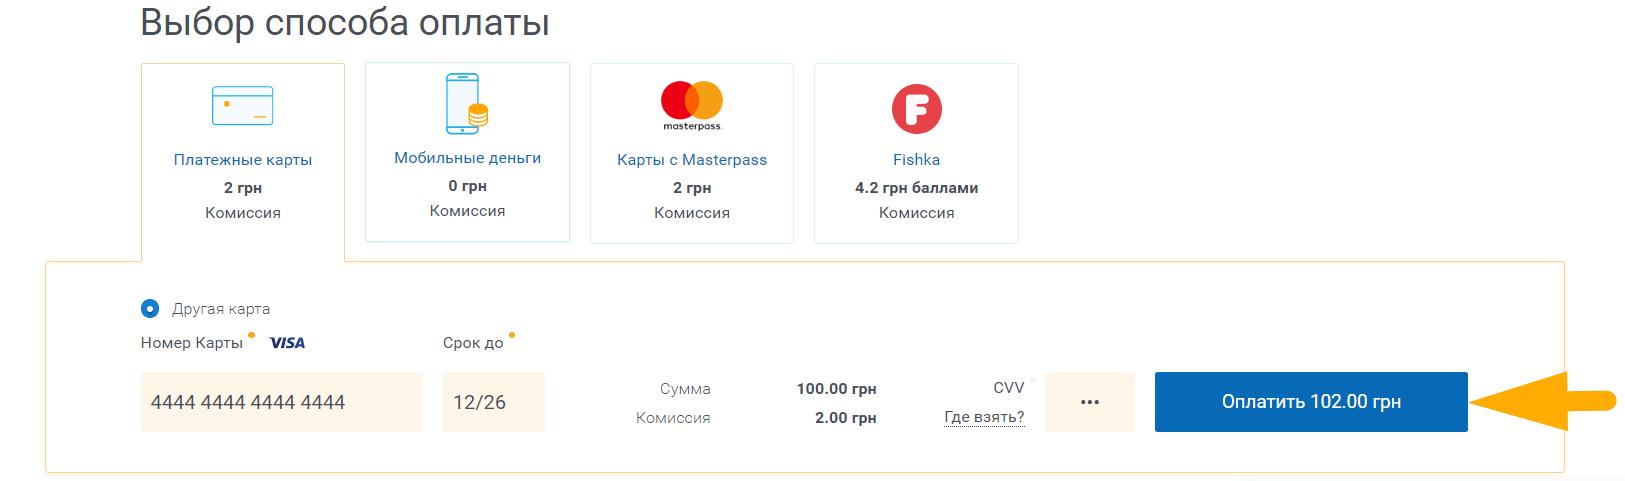 Как оплатить интернет Черное море - шаг 4